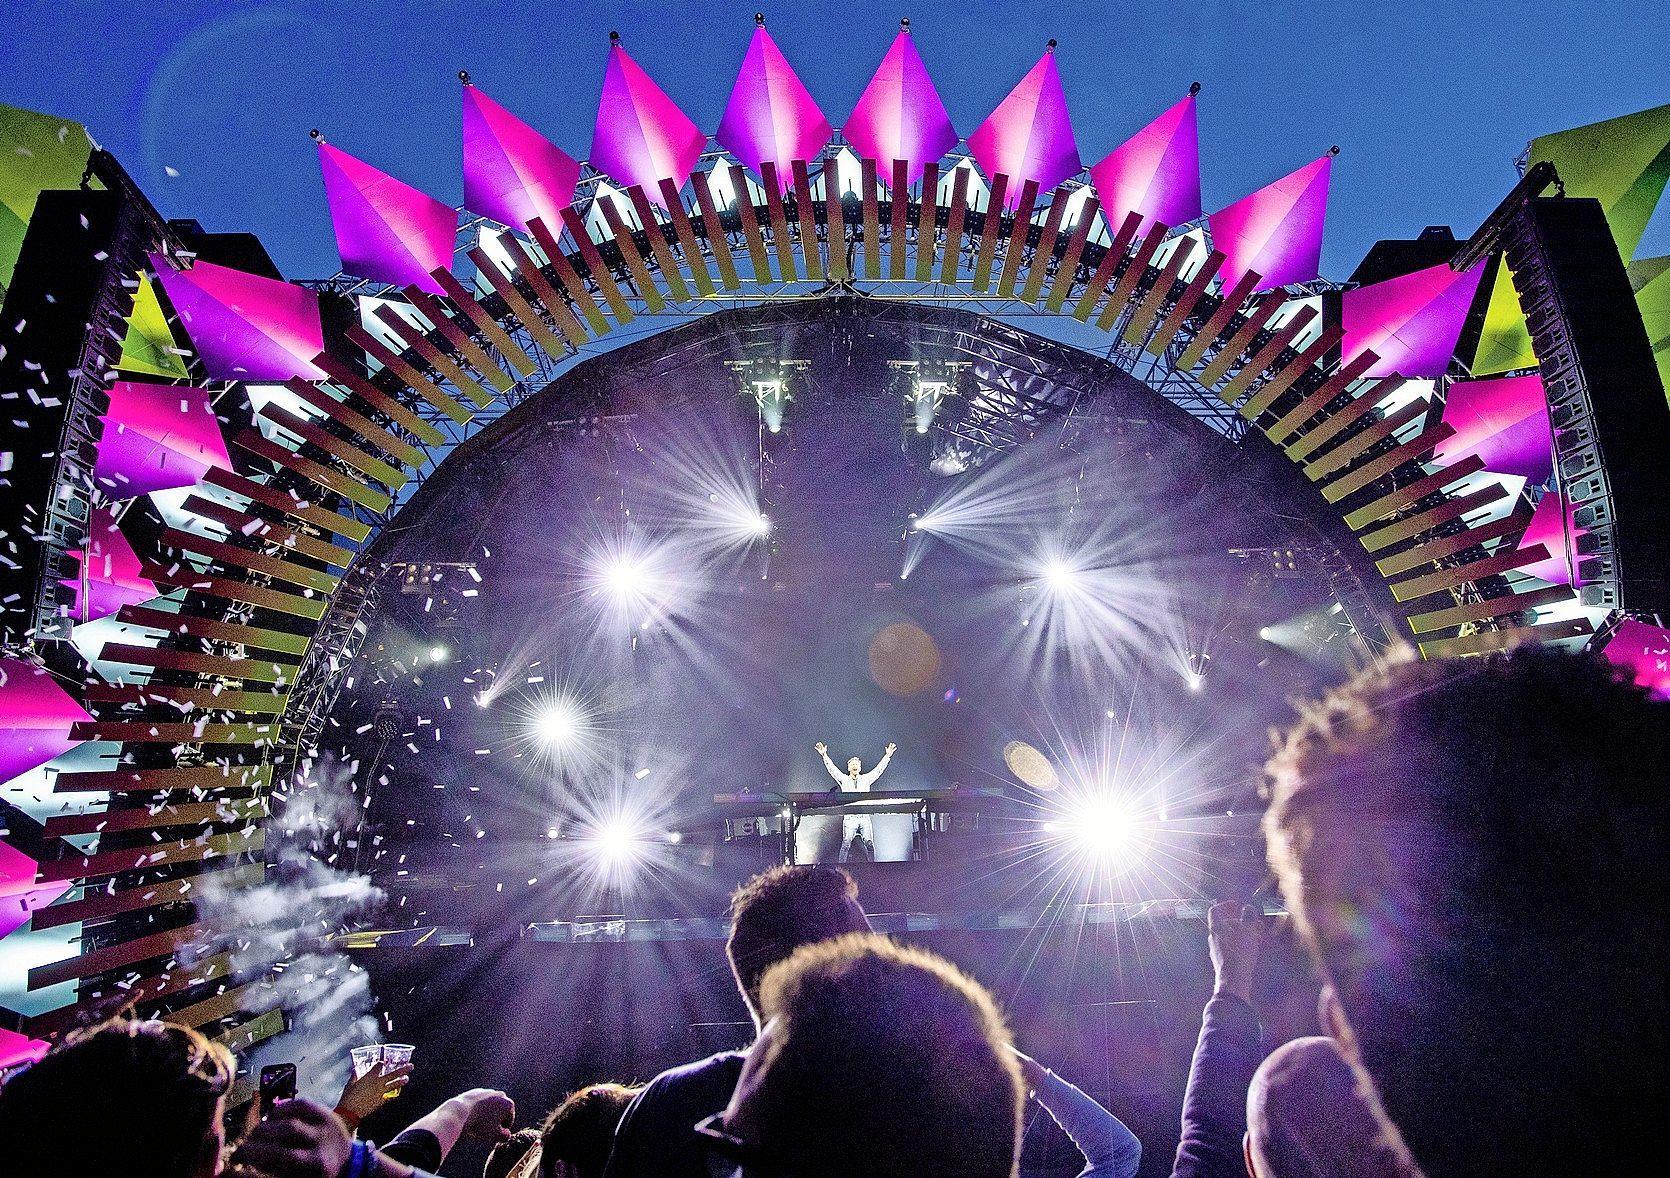 Nagelbijten voor festivals en fans: Velsen wacht met vergunningen op versoepelingen (of niet)